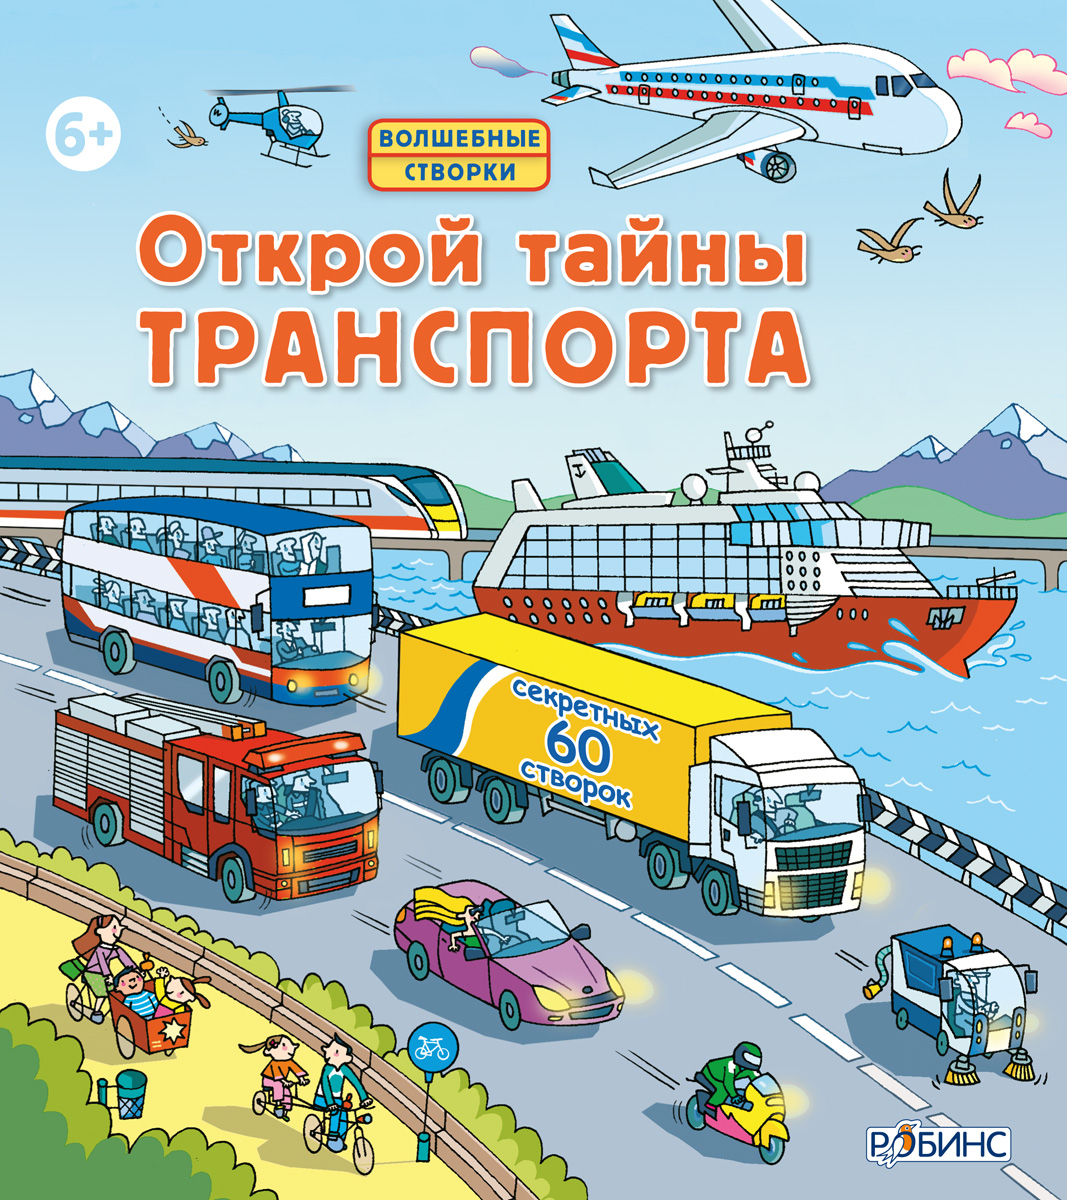 Книга с секретами «Открой тайны транспорта»Книга знаний<br>Книга с секретами «Открой тайны транспорта»<br>